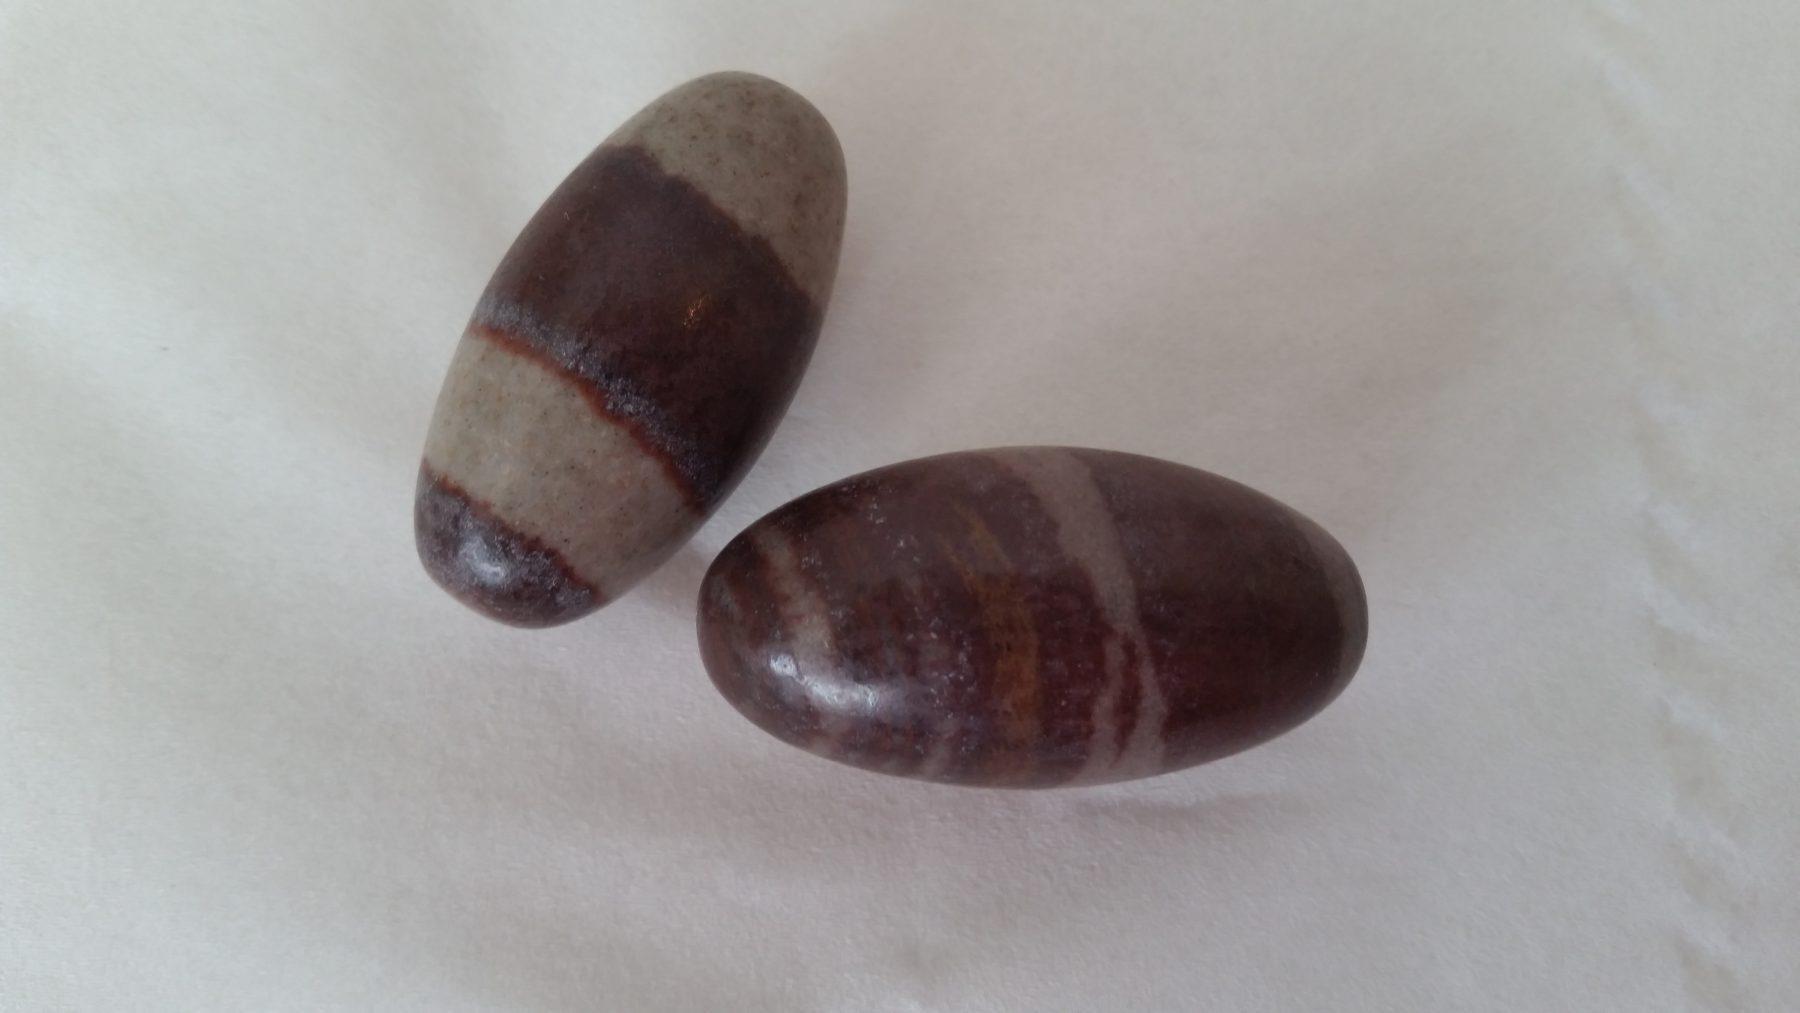 Pair of shiva lingams